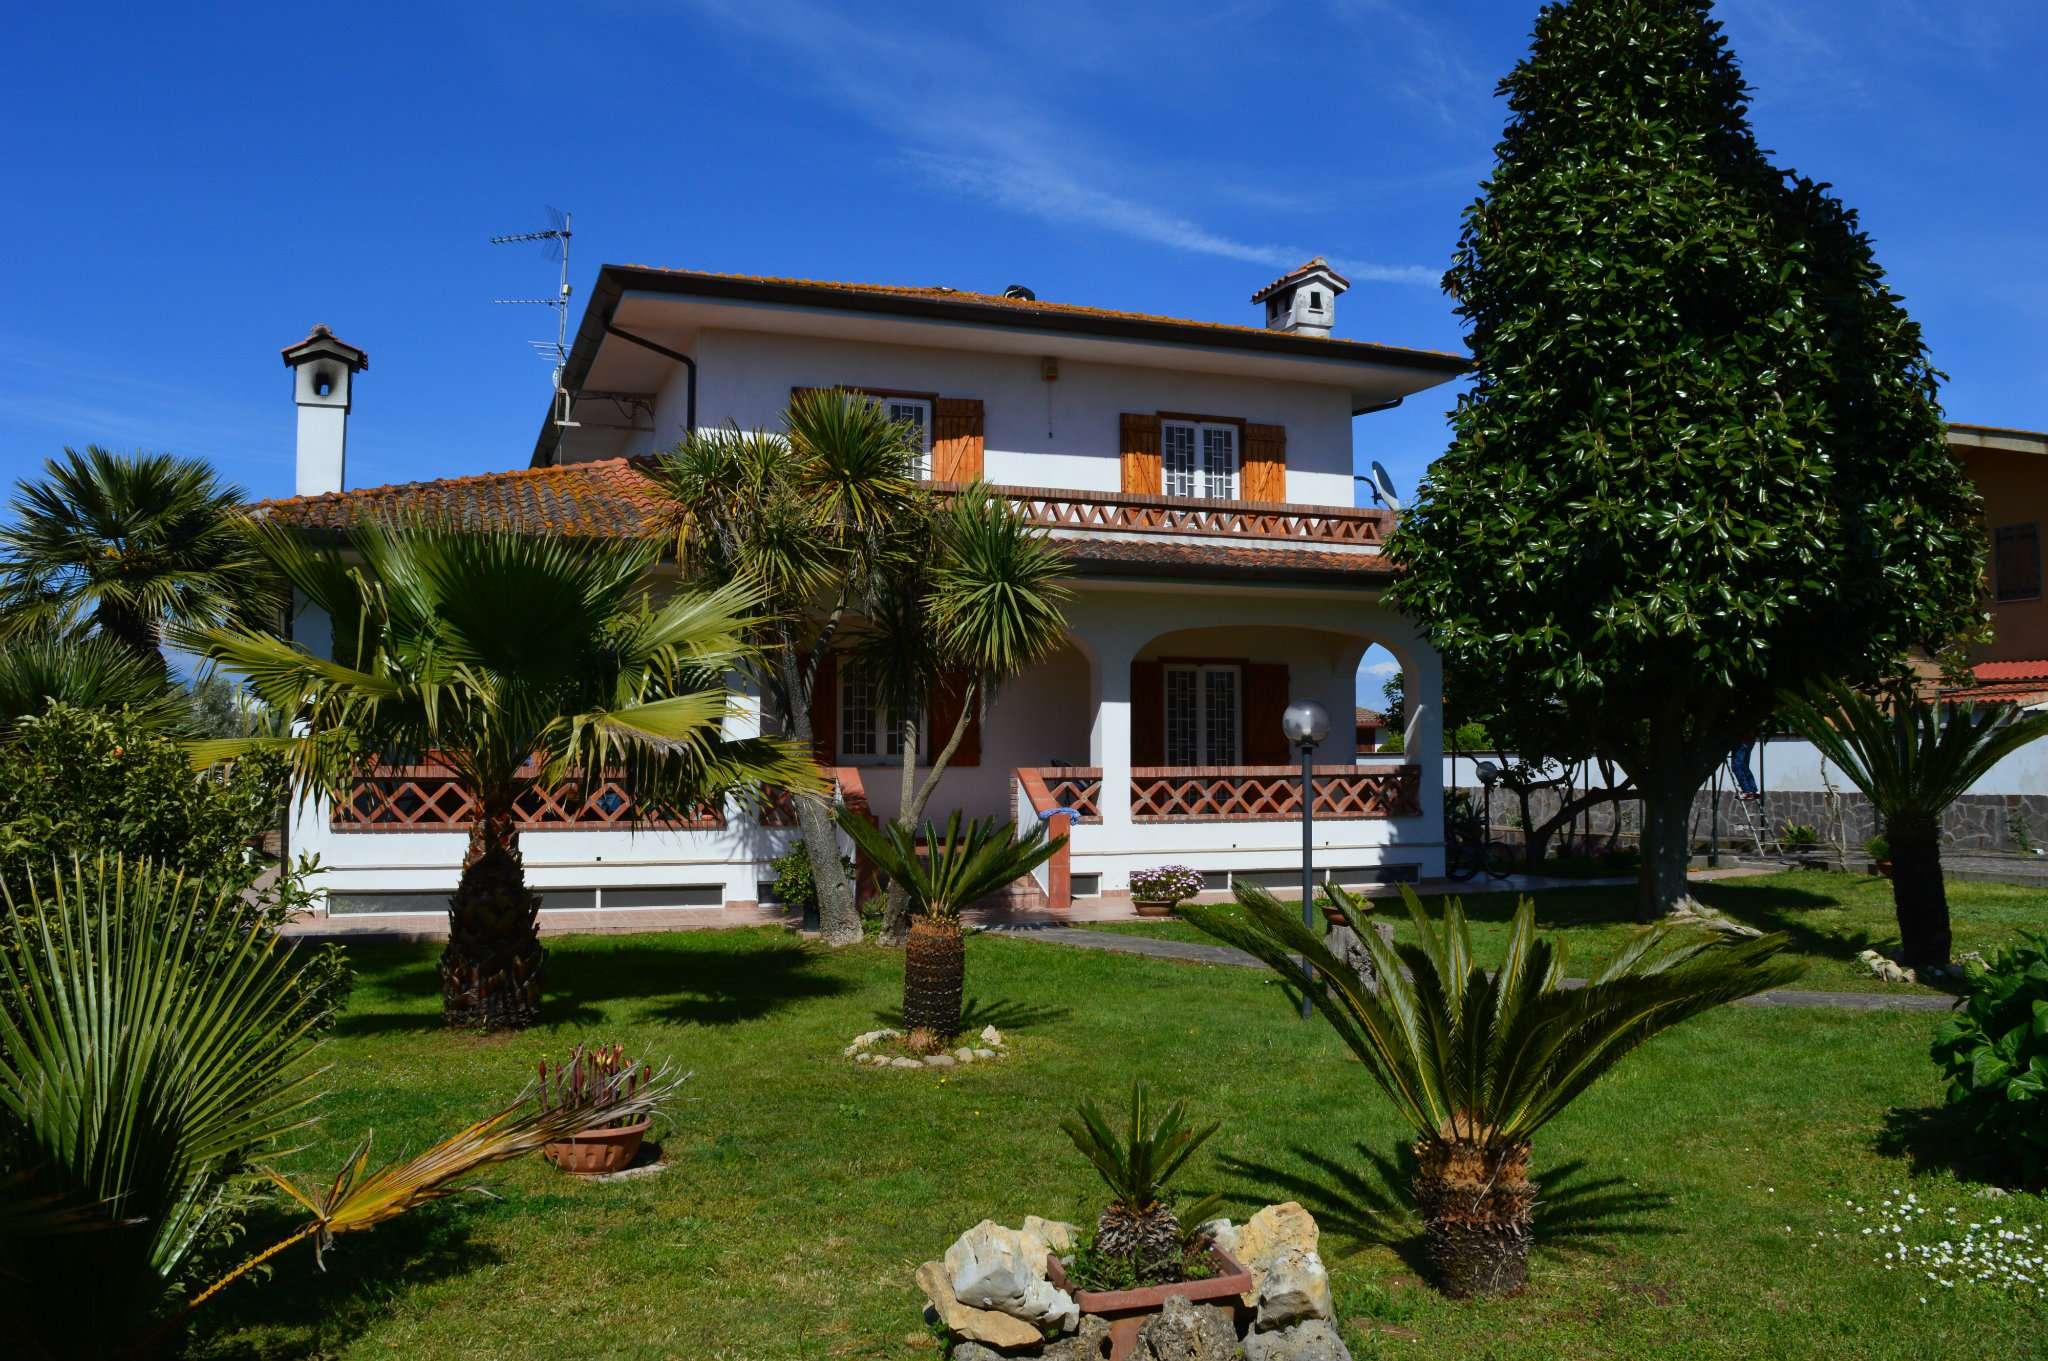 Villa in vendita a Sabaudia, 6 locali, prezzo € 550.000 | CambioCasa.it